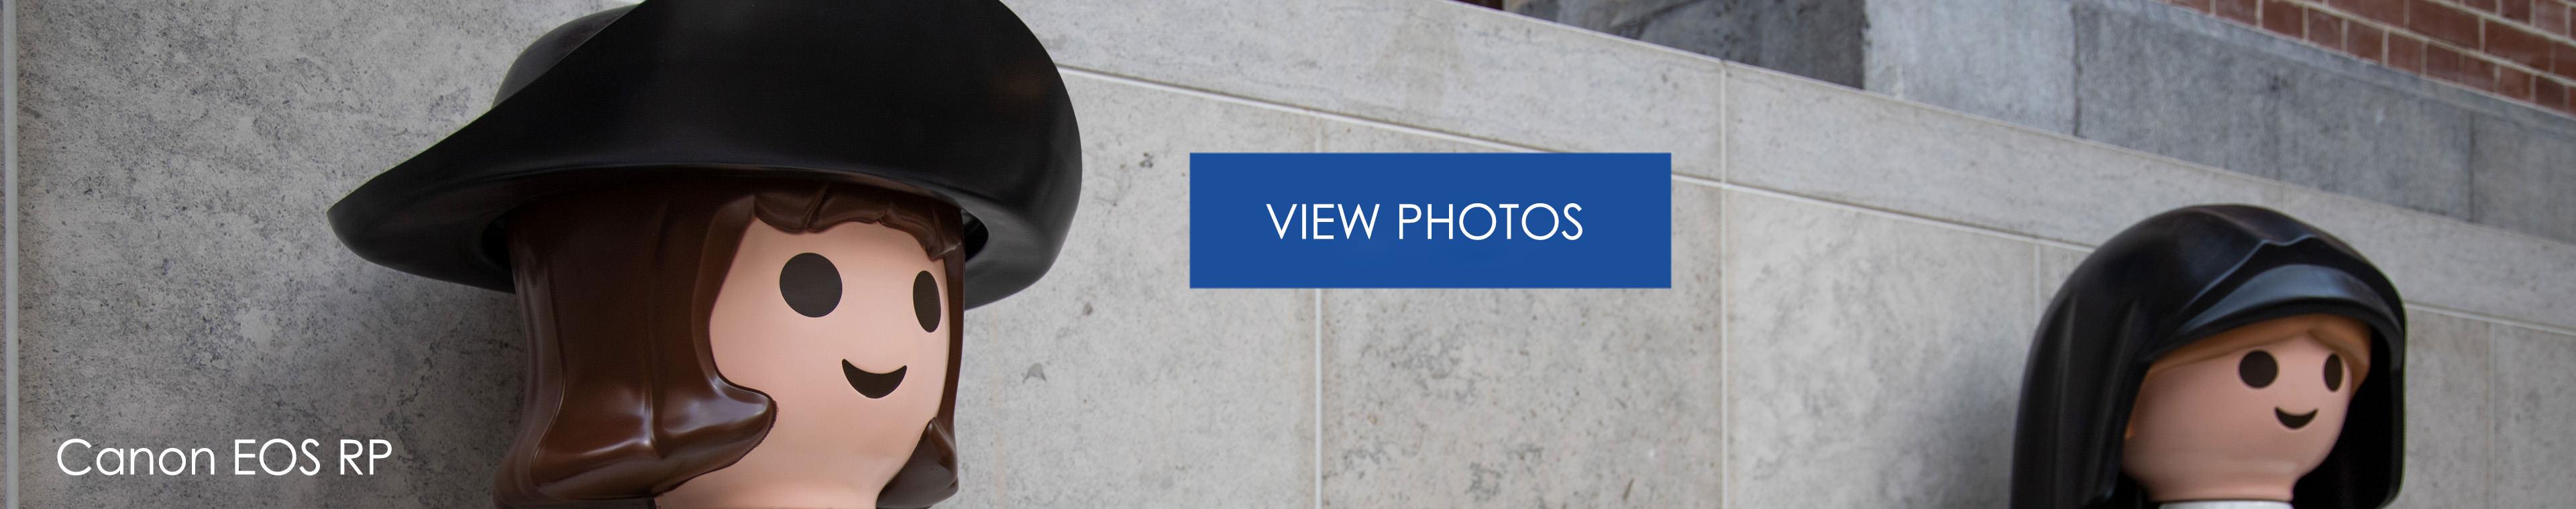 CanonEOS RP Viewfoto3840